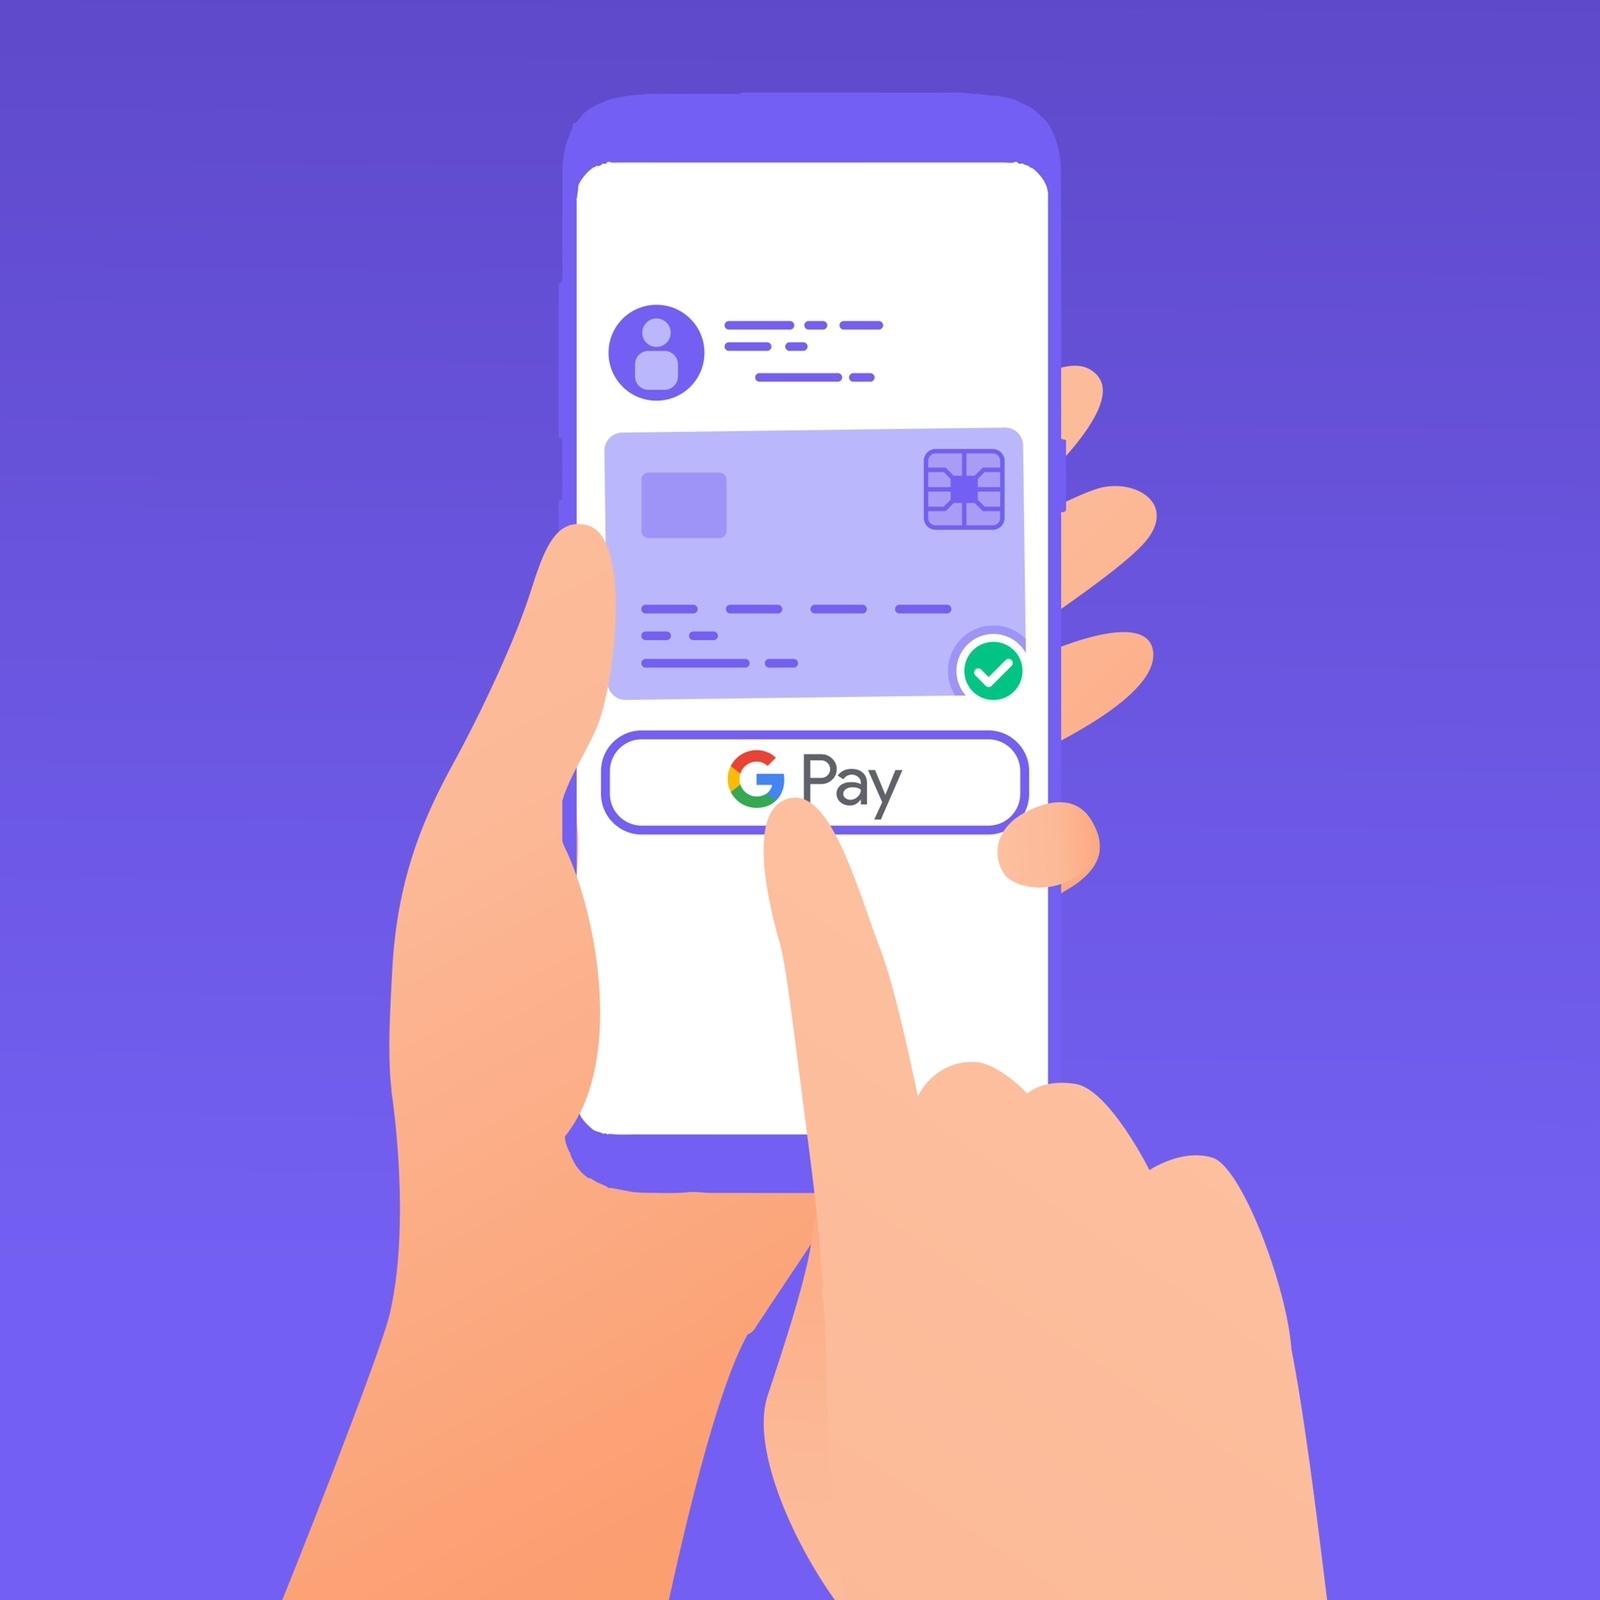 Не пропустите: Viber запускает функцию проведения онлайн платежей в чат-ботах - фото №1